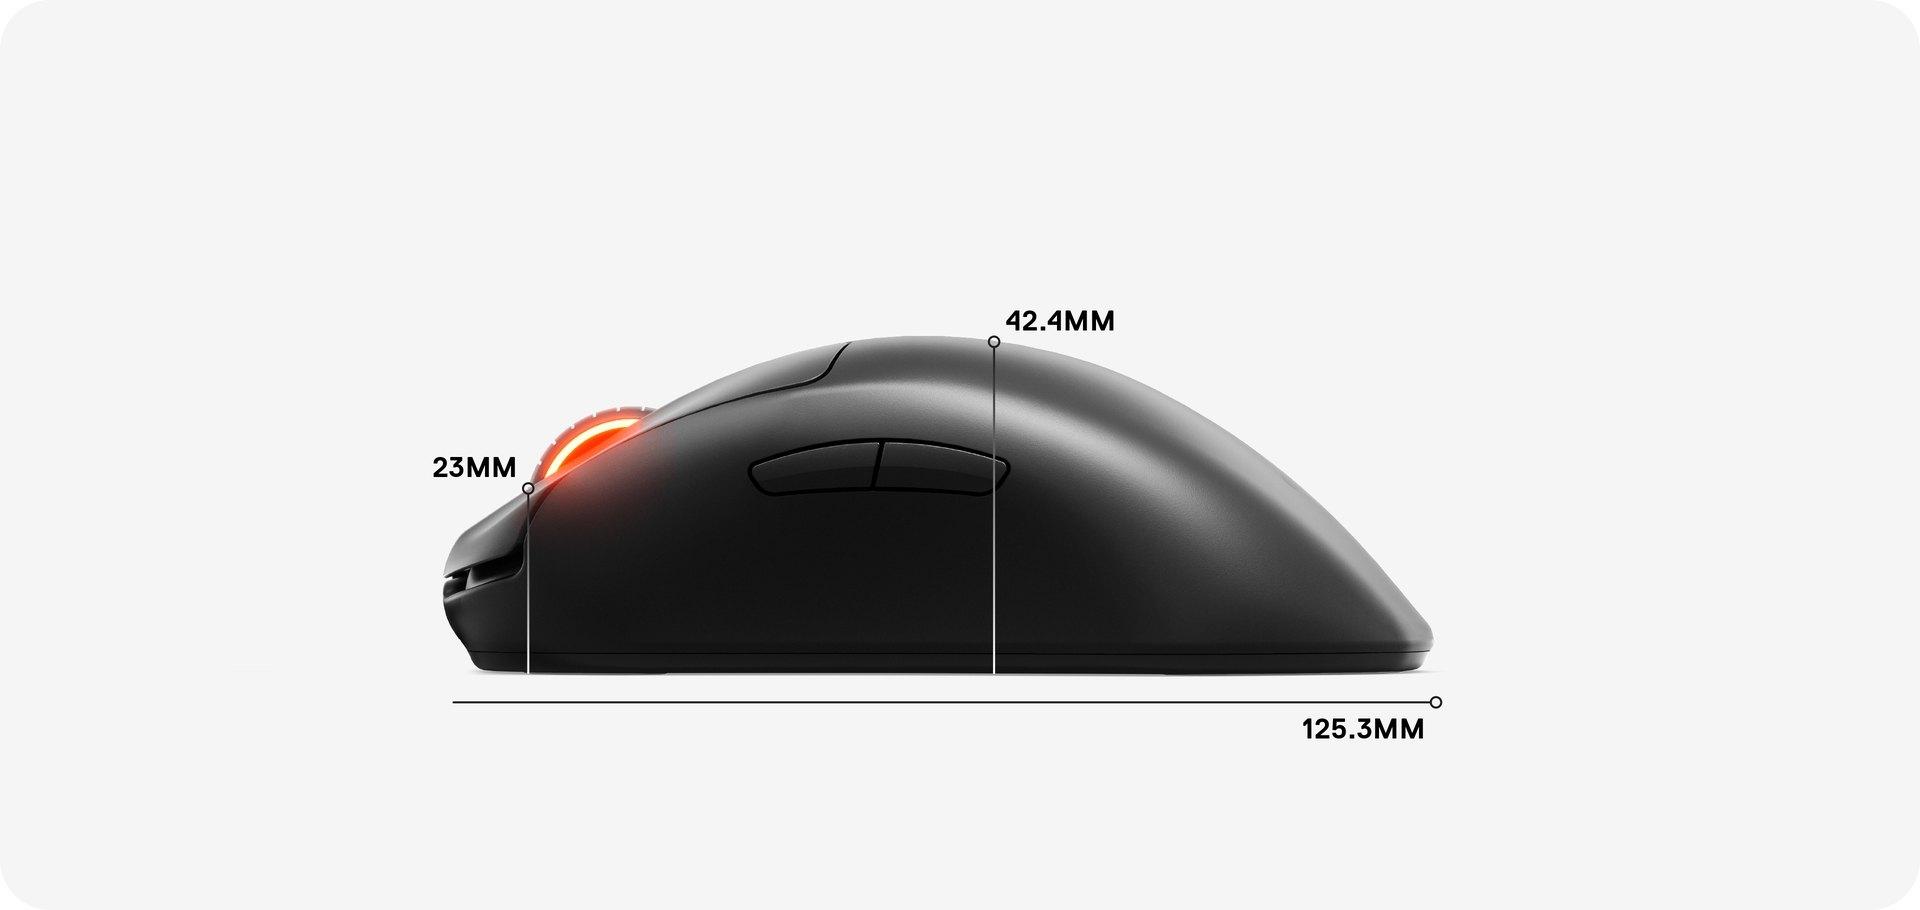 滑鼠規格:長度為 125.3 MM,從掌托到底座為 42.4 MM,而從滾輪到底座為 23 MM。